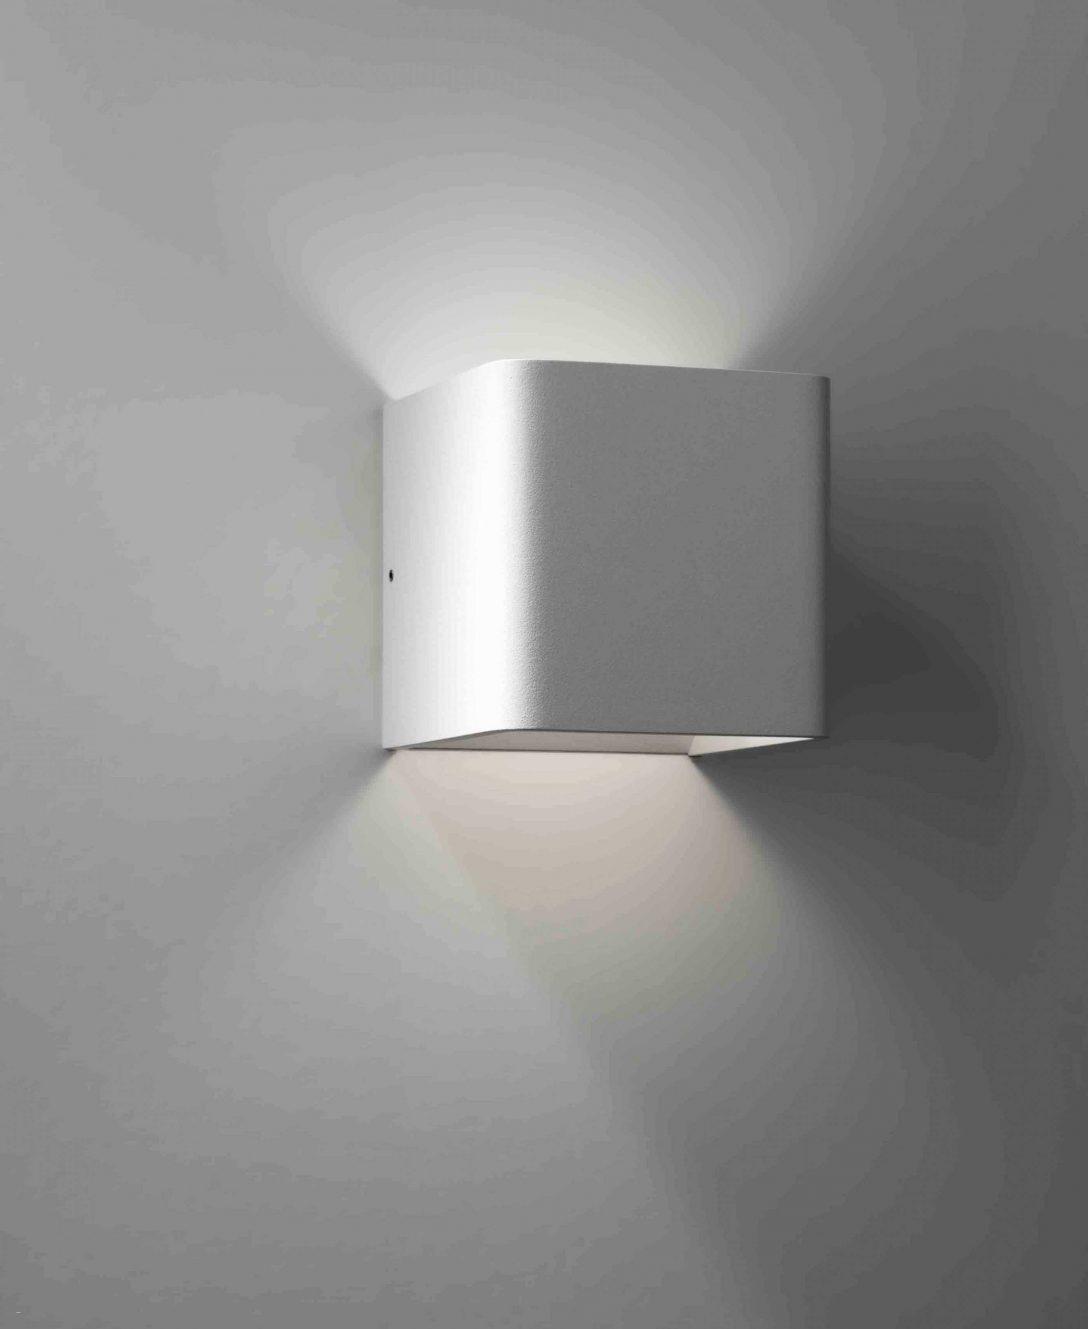 Large Size of Wandleuchte Schlafzimmer Xyzs Wandlampe Kreative Neue Chinesische Wand Lampe Einfache Bad Vorhänge Komplett Poco Wandleuchten Lampen Wandbilder Regal Günstig Schlafzimmer Wandleuchte Schlafzimmer